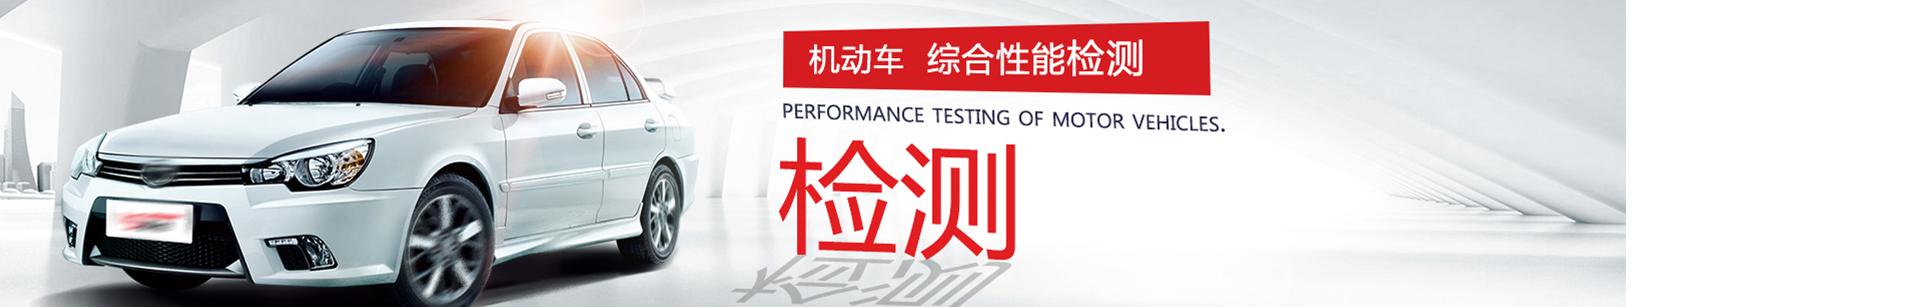 汽车综合性能检测